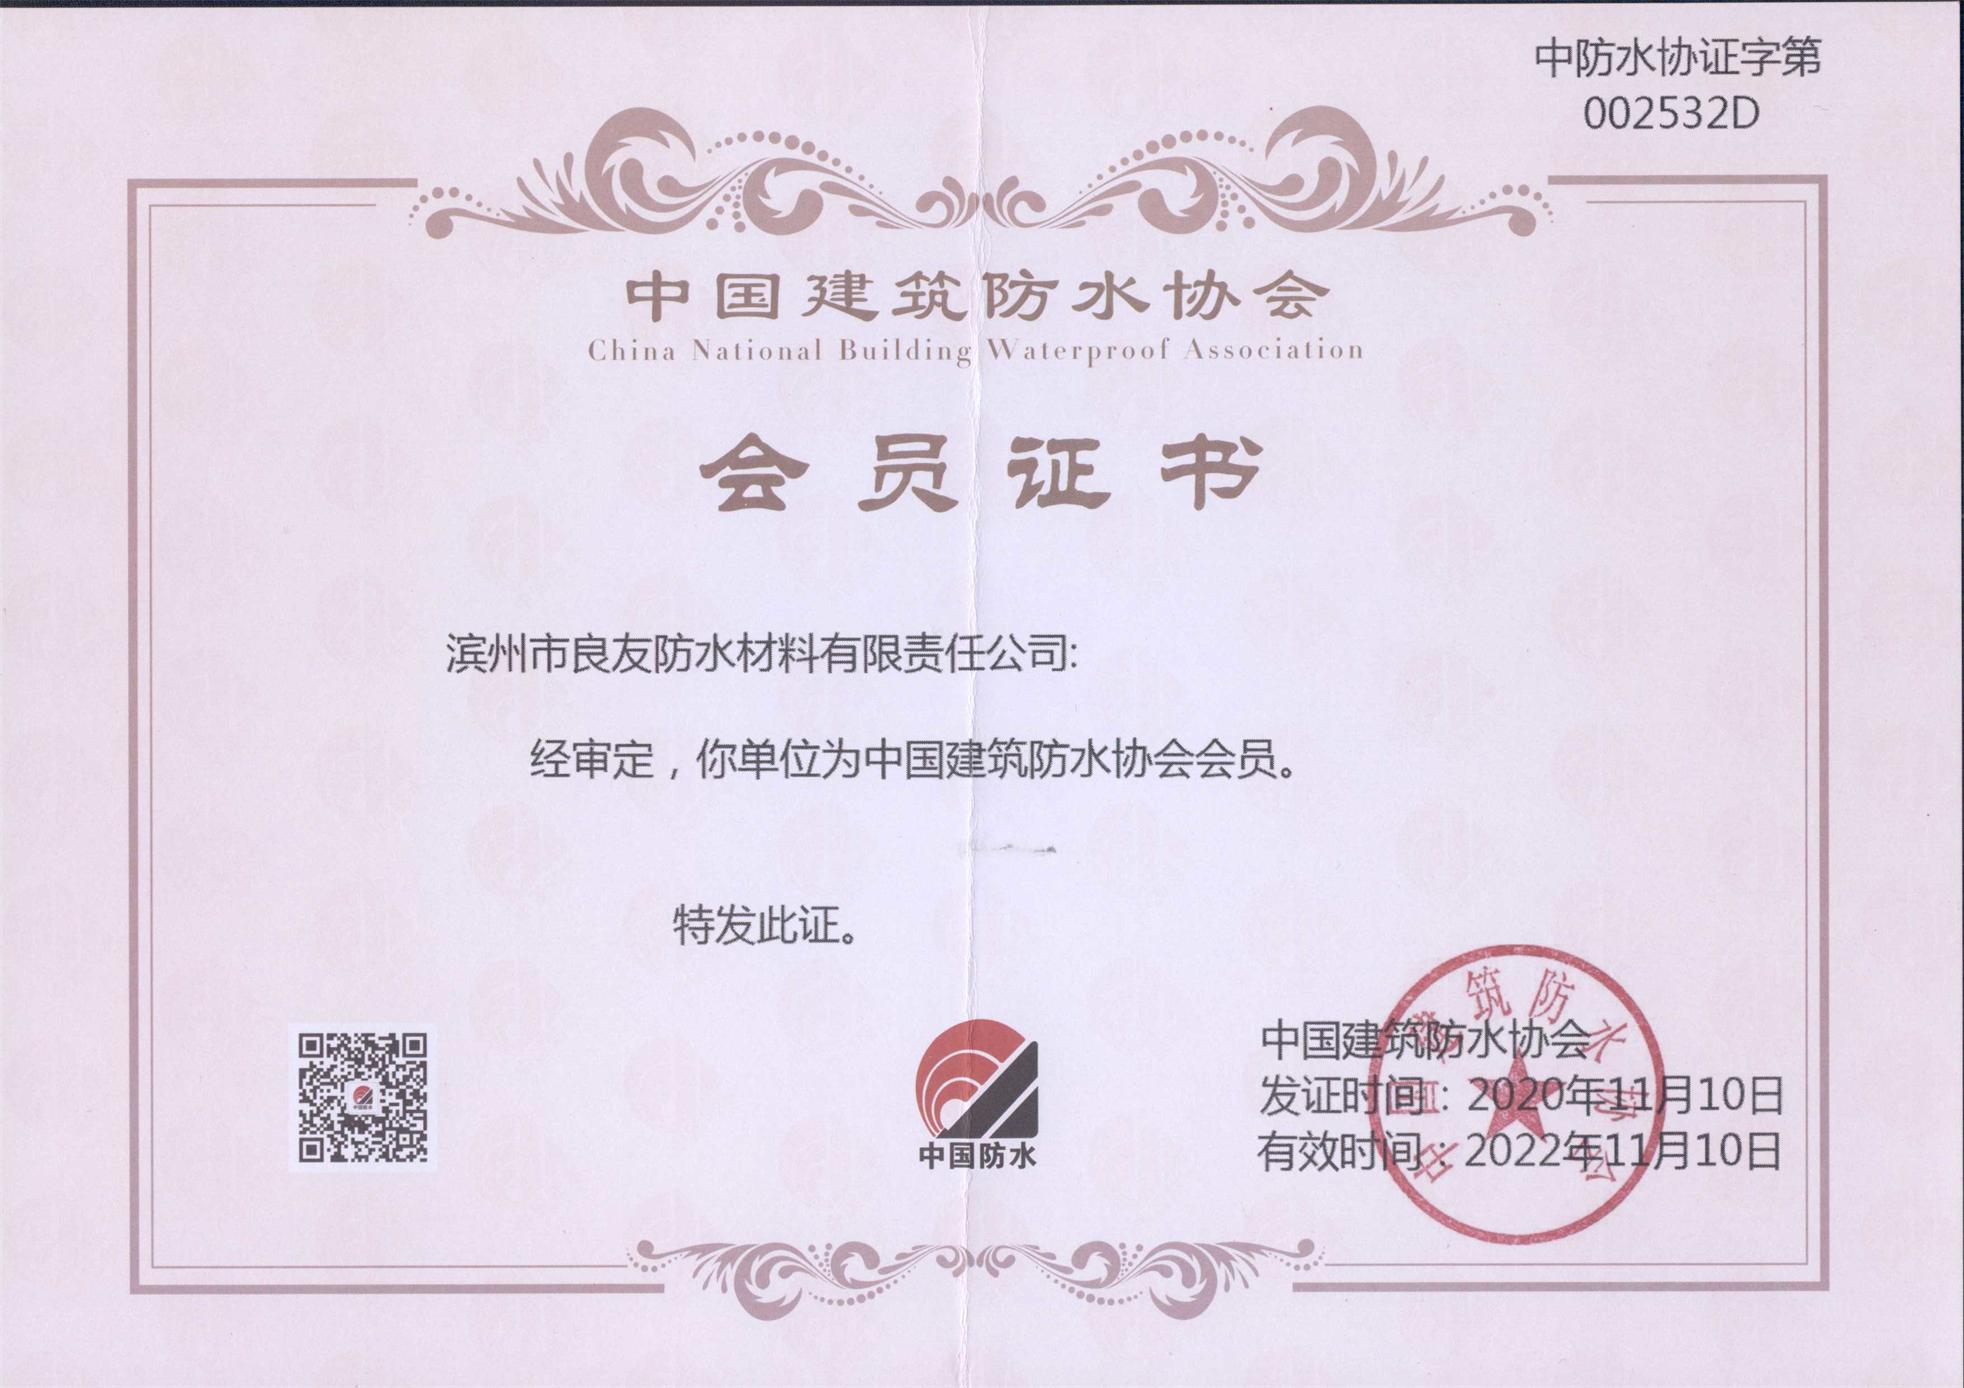 良友防水被审定为中国建筑防水协会会员单位